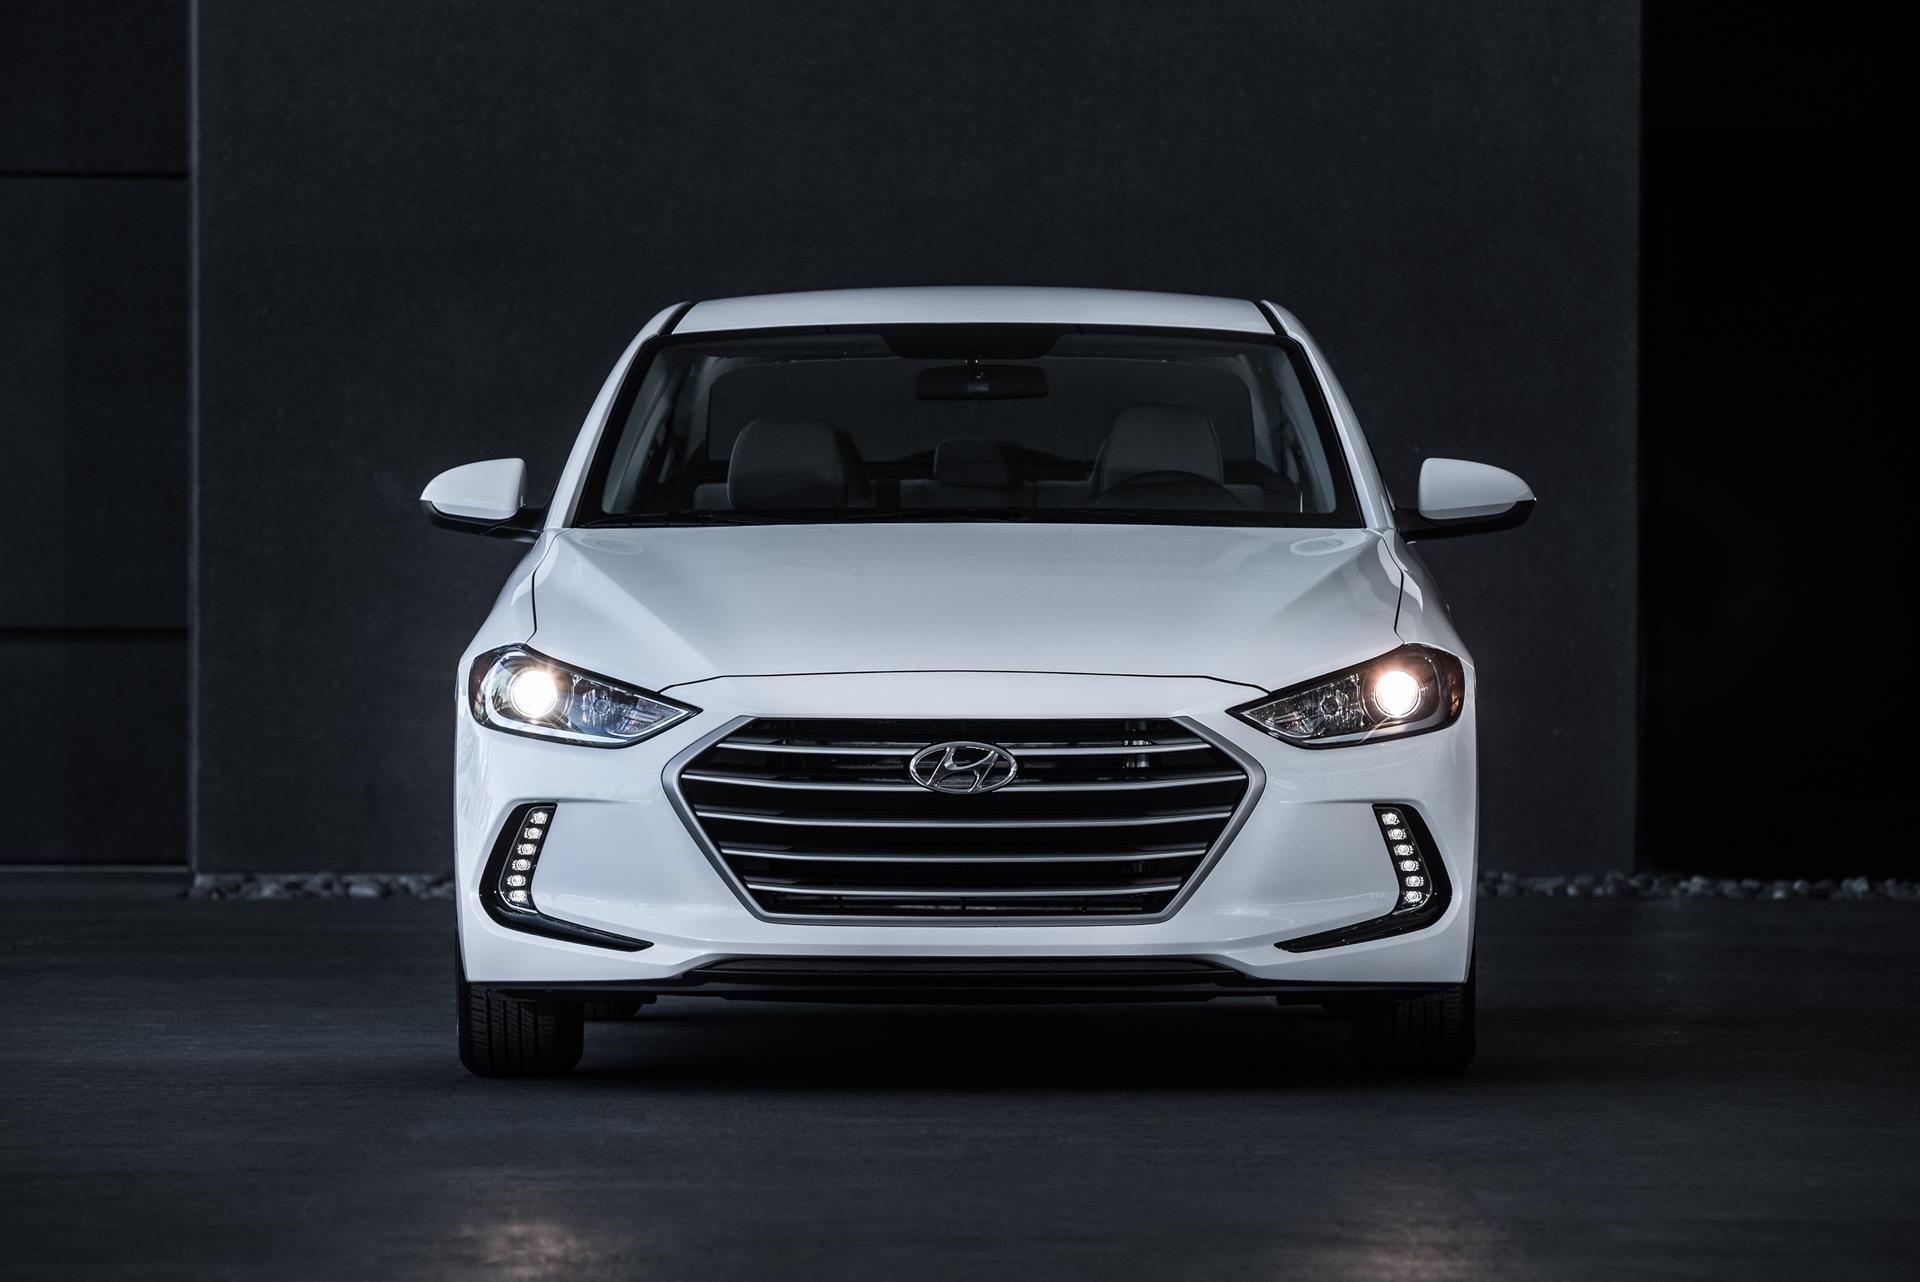 2017 Hyundai Elantra Eco News And Information